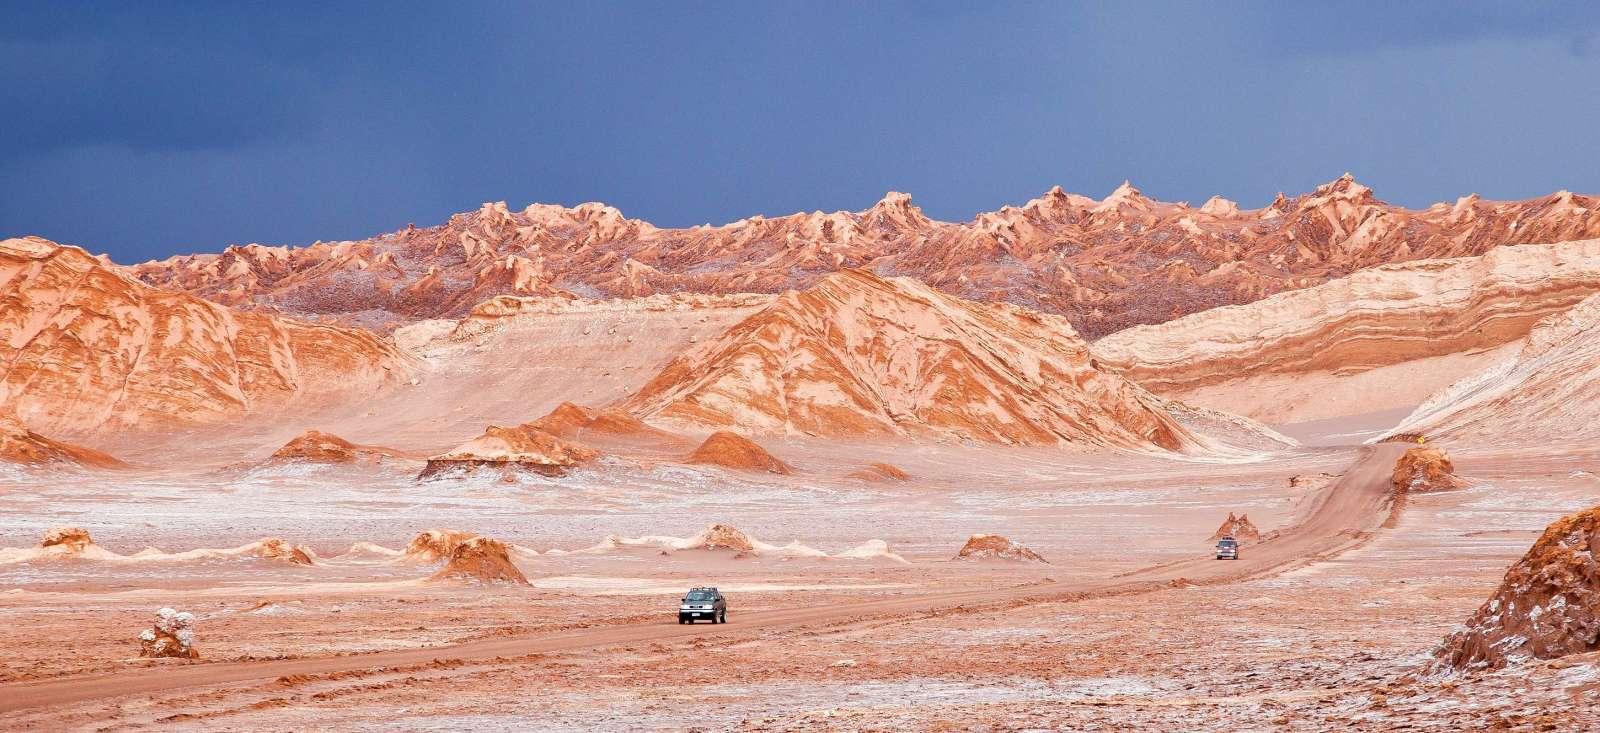 Voyage en véhicule : L\'Incontournable du Chili en autotour